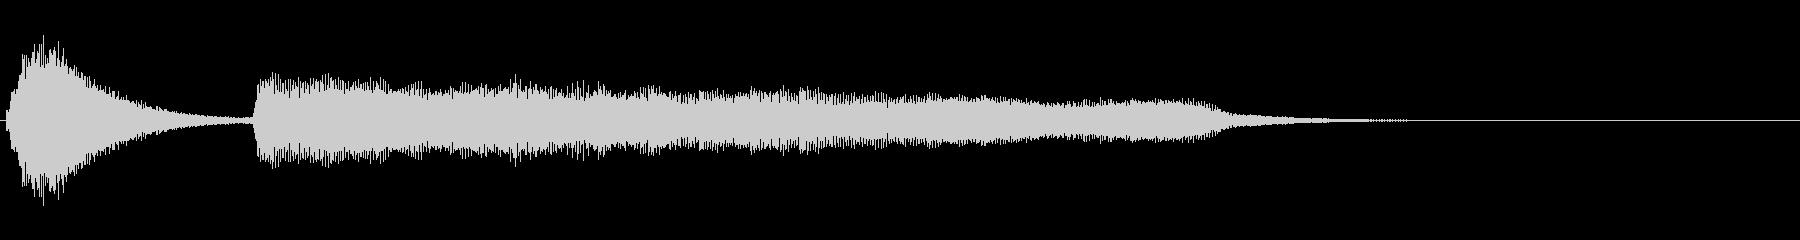 鉄琴〜弦〜ピアノ 落ち着いたサウンドロゴの未再生の波形